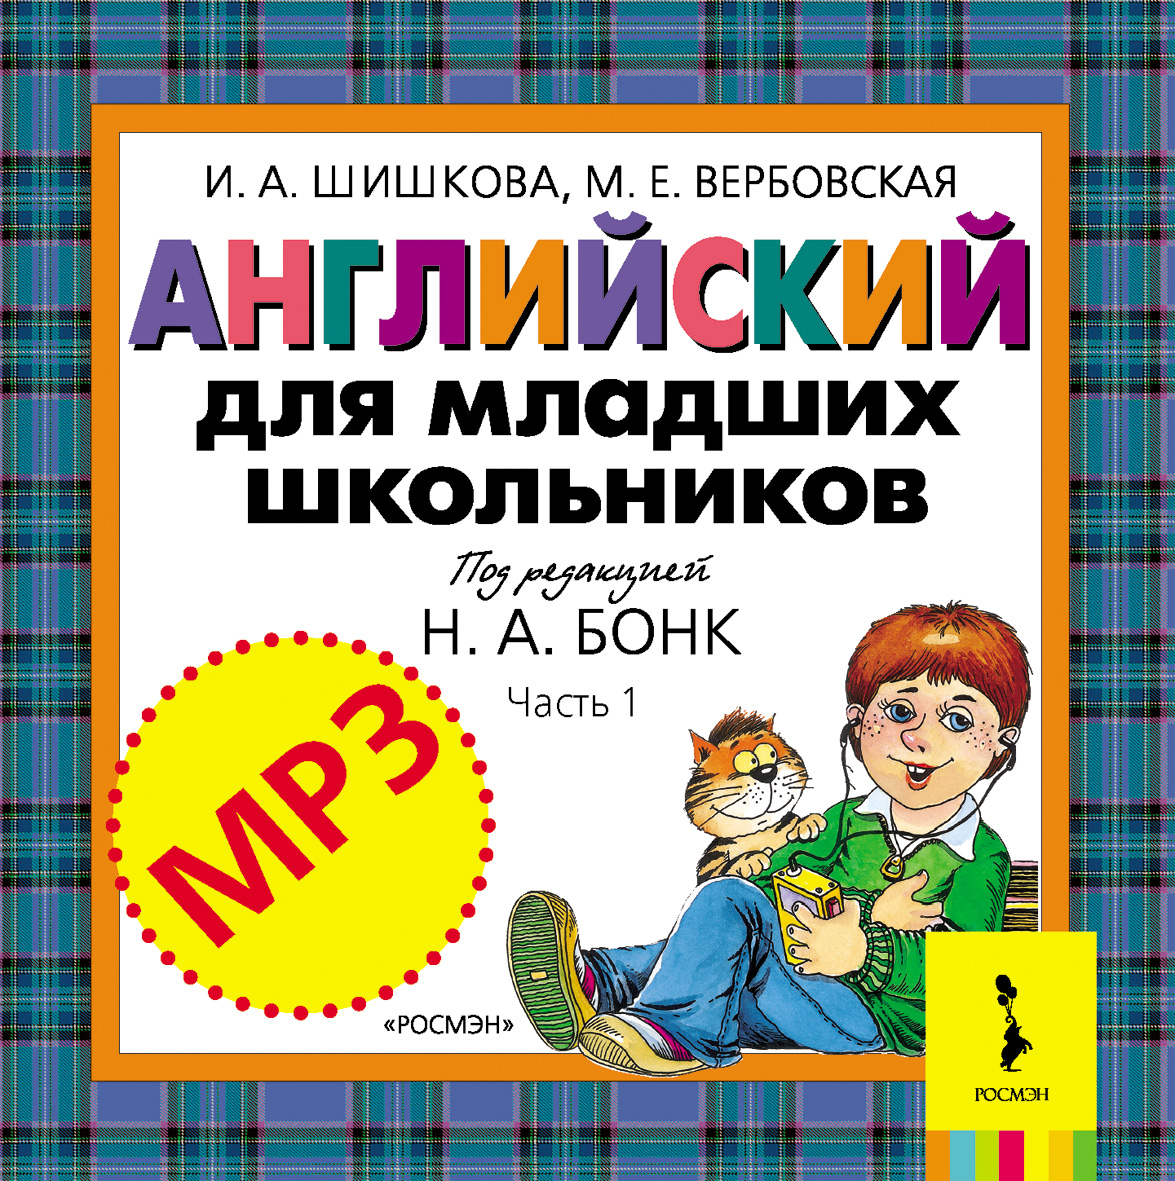 И. А. Шишкова Английский для младших школьников. Часть 1 (аудиоприложение)